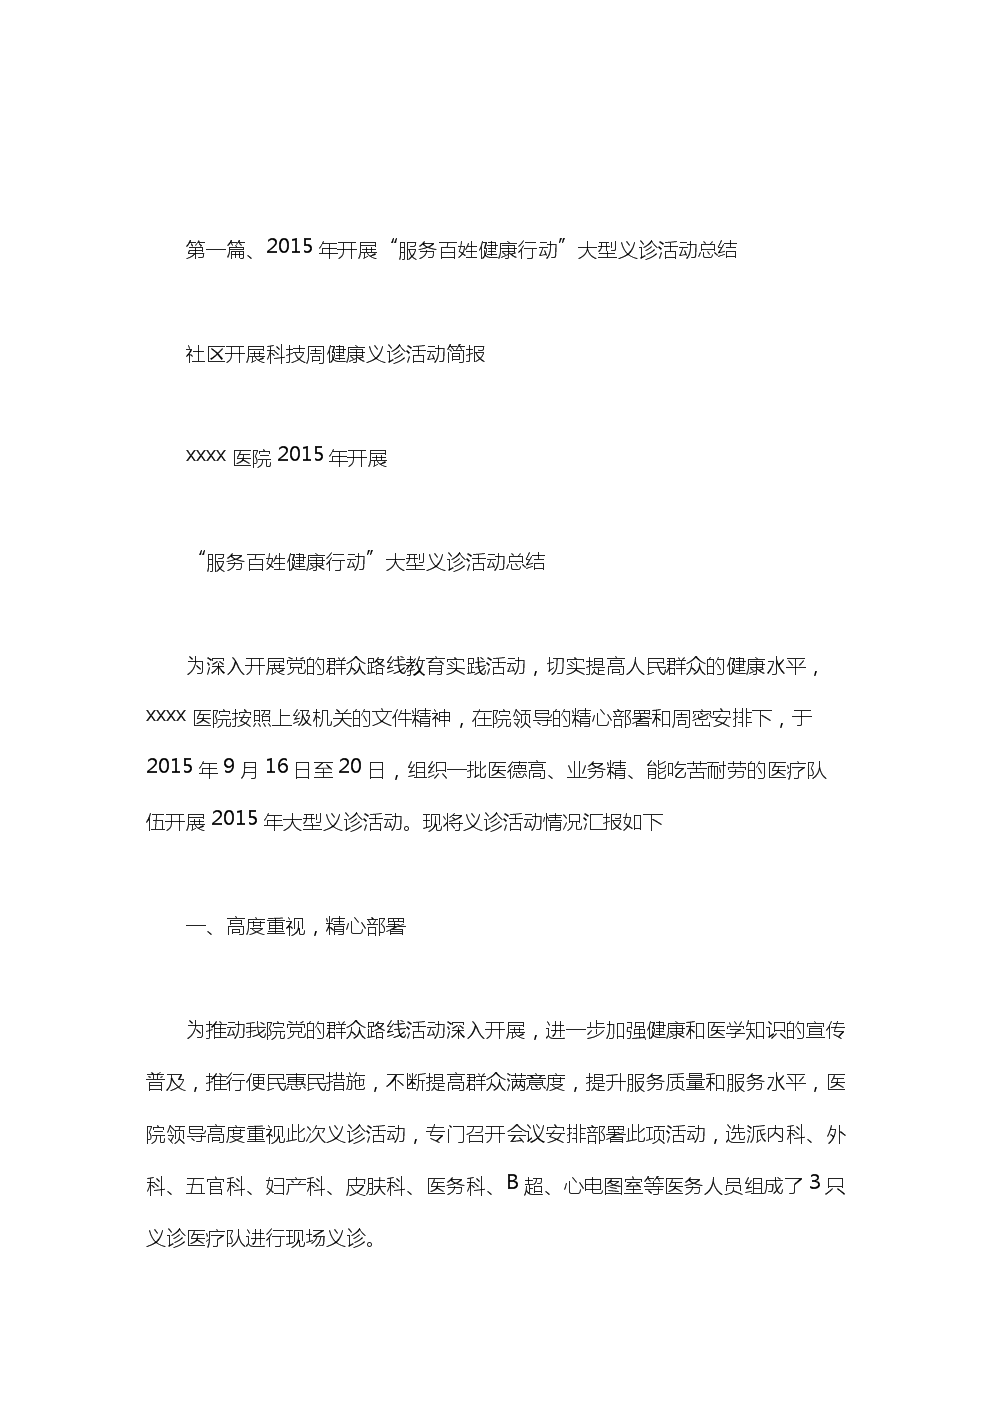 社区开展科技周健康义诊活动简报.doc